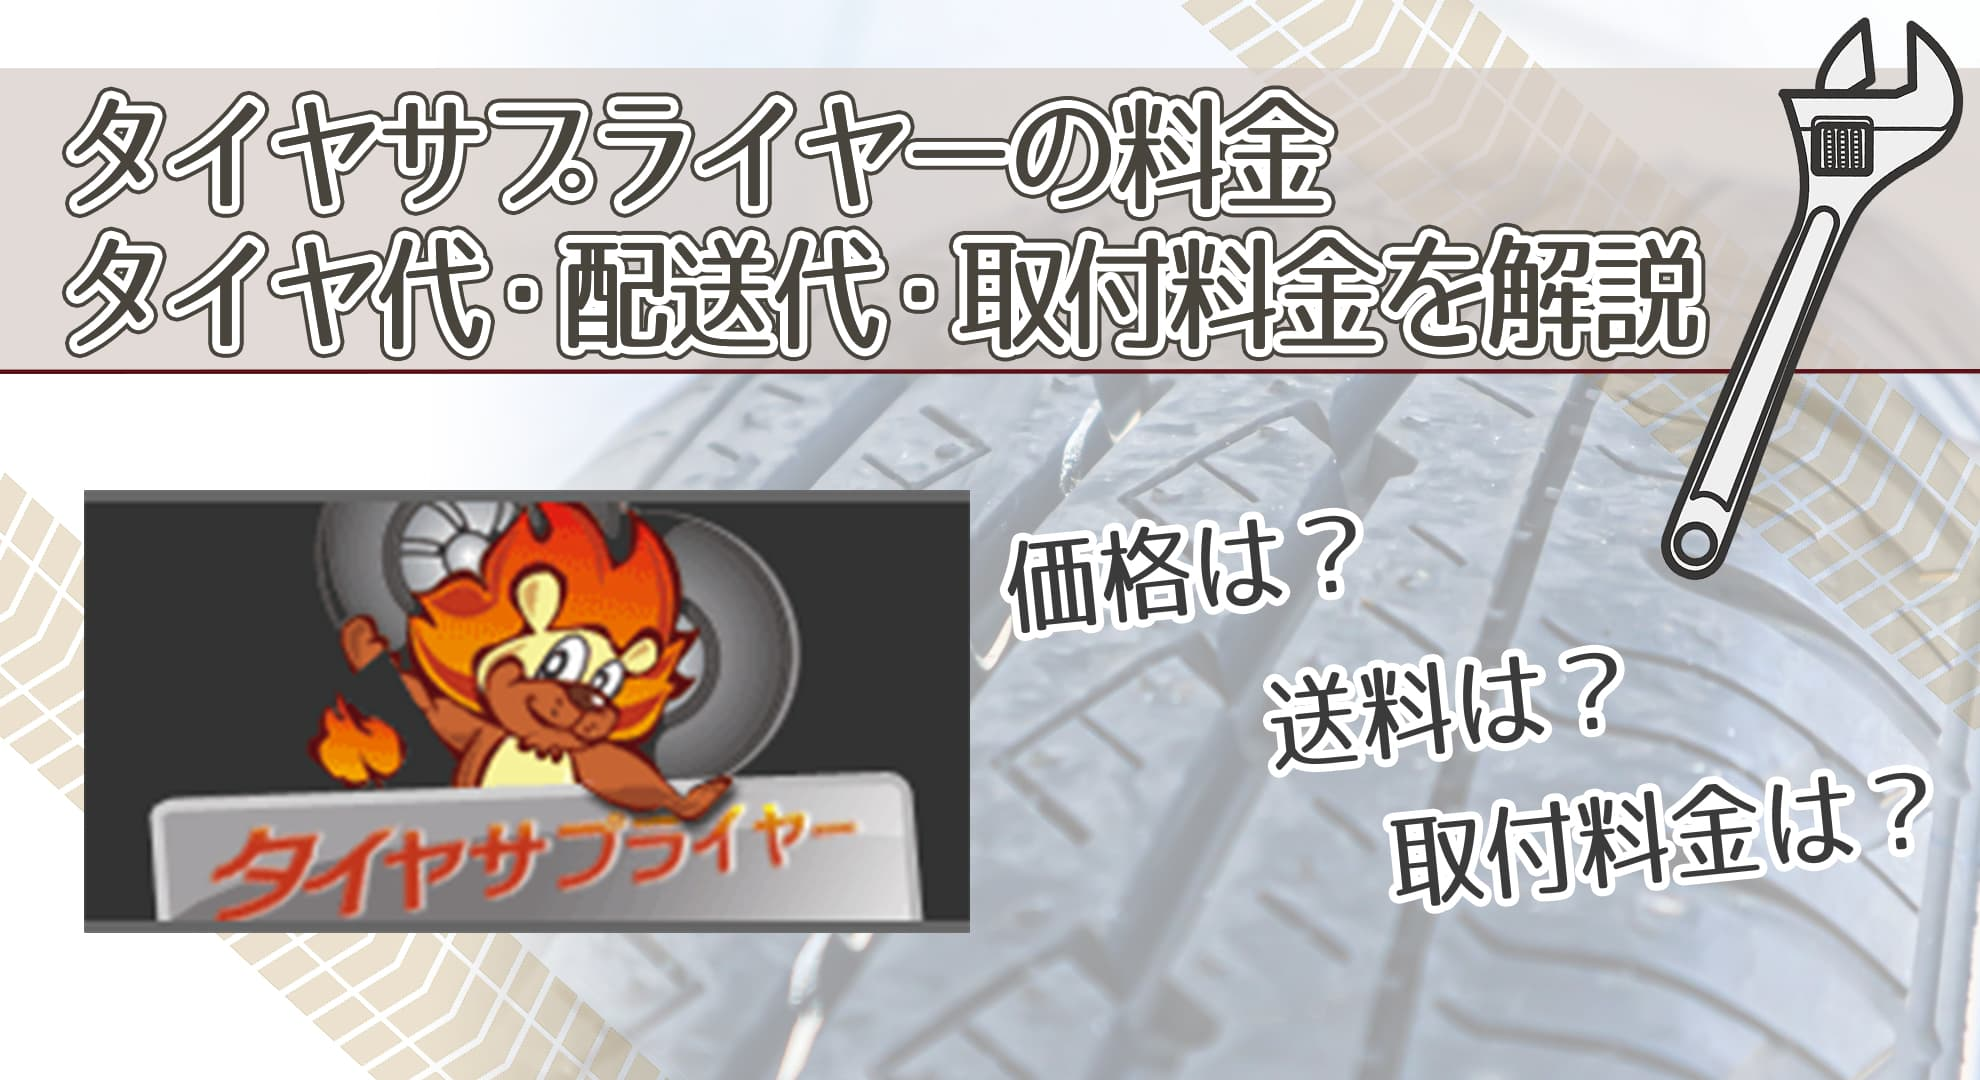 タイヤサプライヤーの料金 タイヤ代・配送代・取付料金を解説